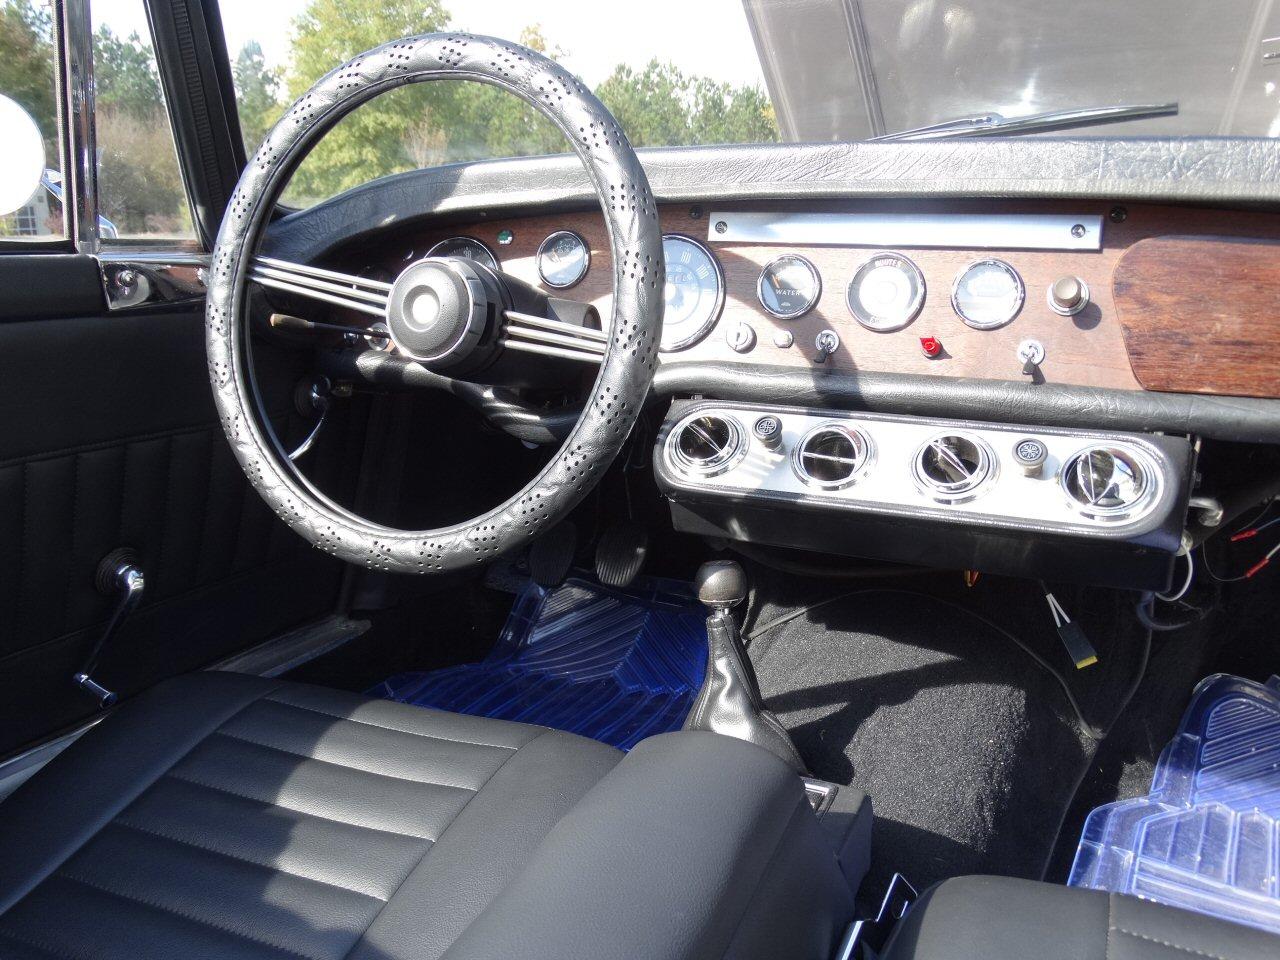 1965 Sunbeam Tiger 59